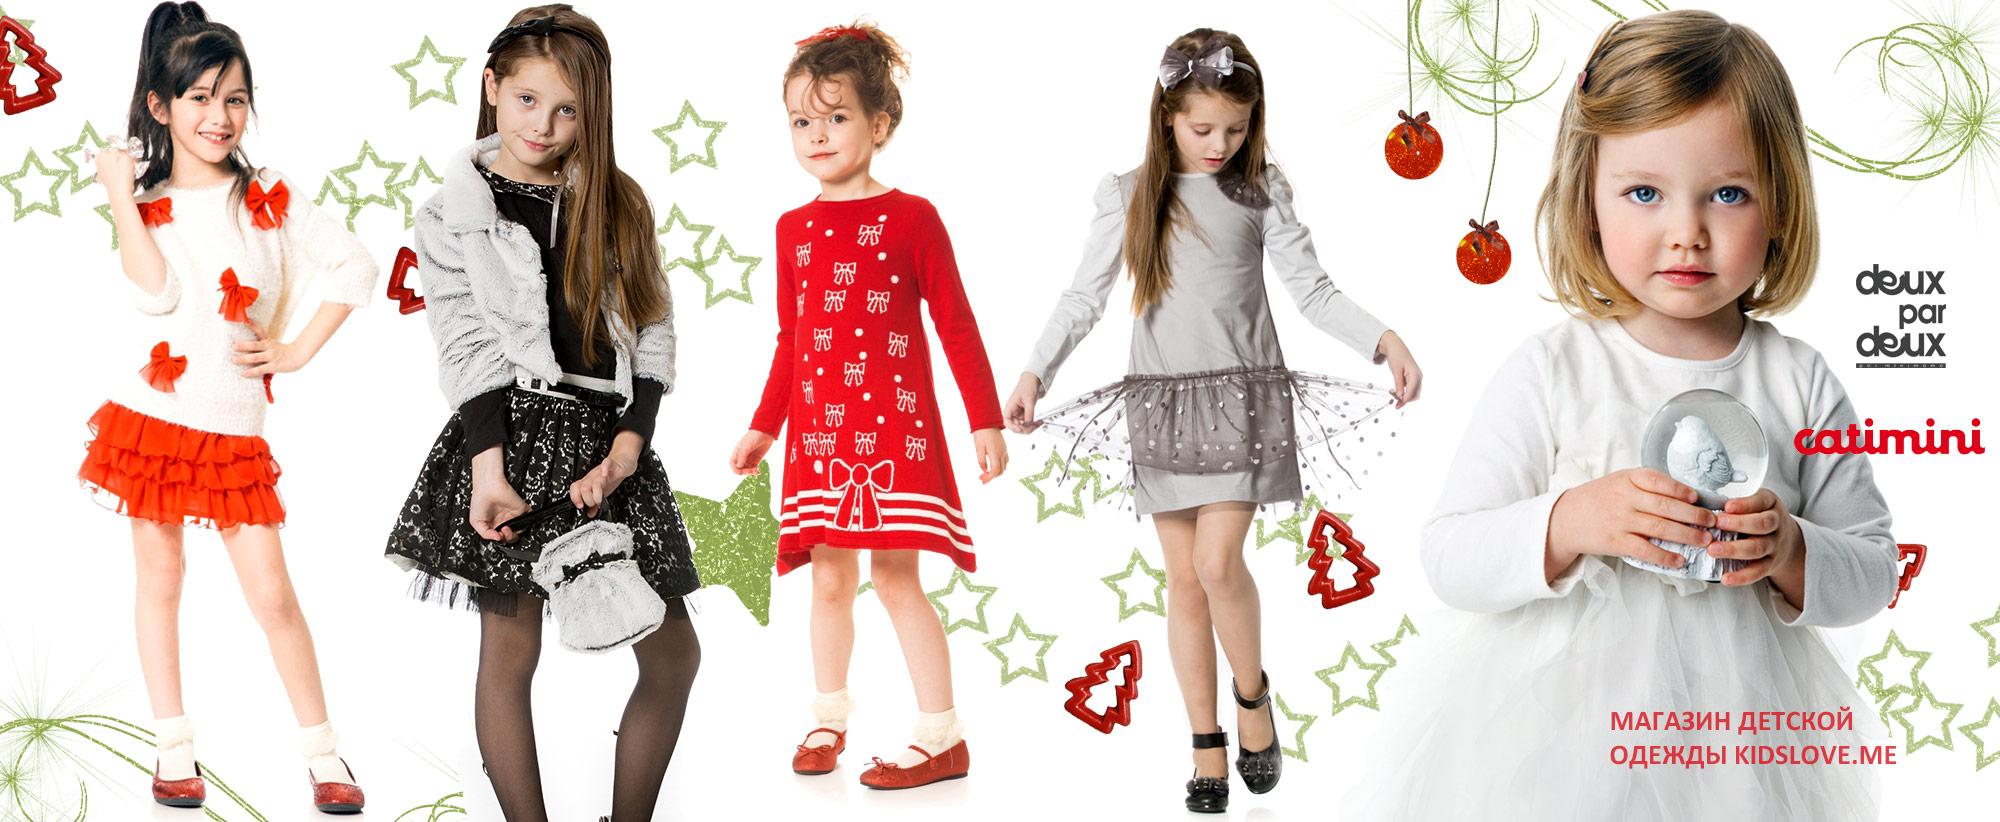 925478de88c6 ... Kidslove.me. Новогодние платья для девочек. Платья на новый год   официальный  интернет магазин